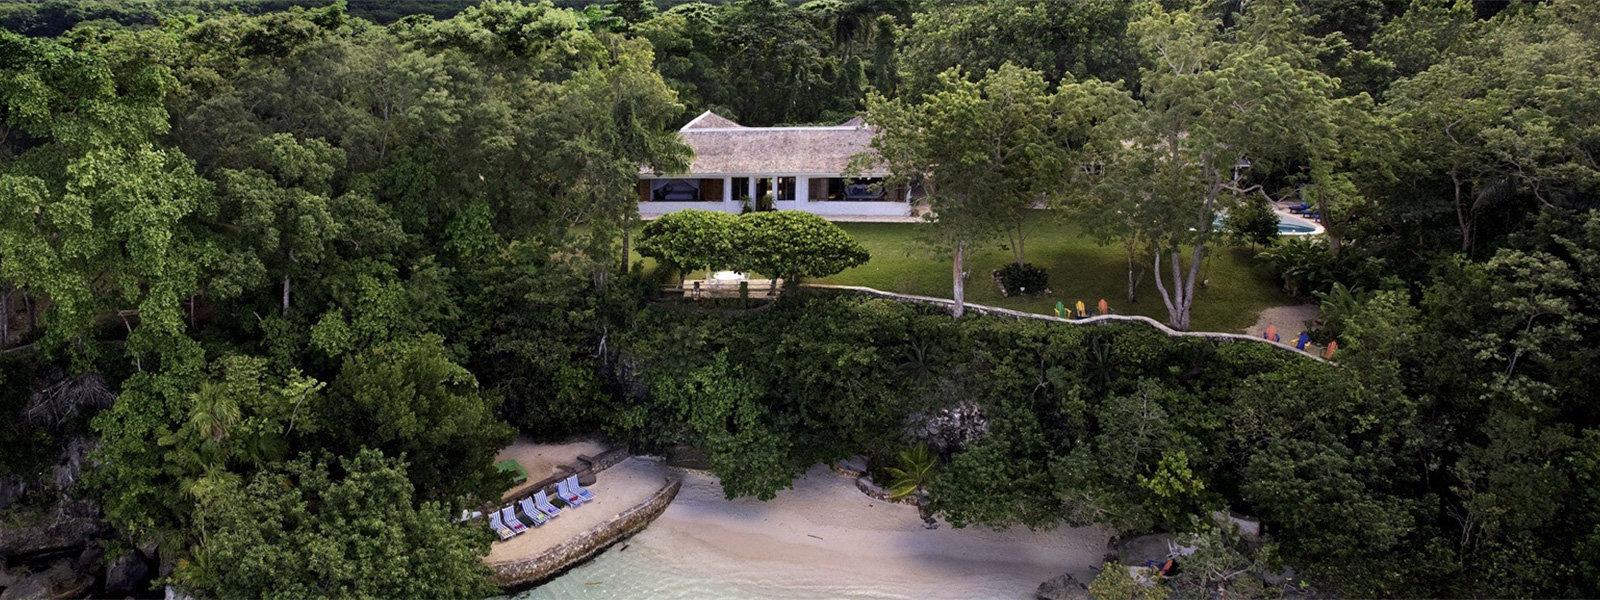 一张在牙买加黄金眼度假村拍摄的彩色照片。